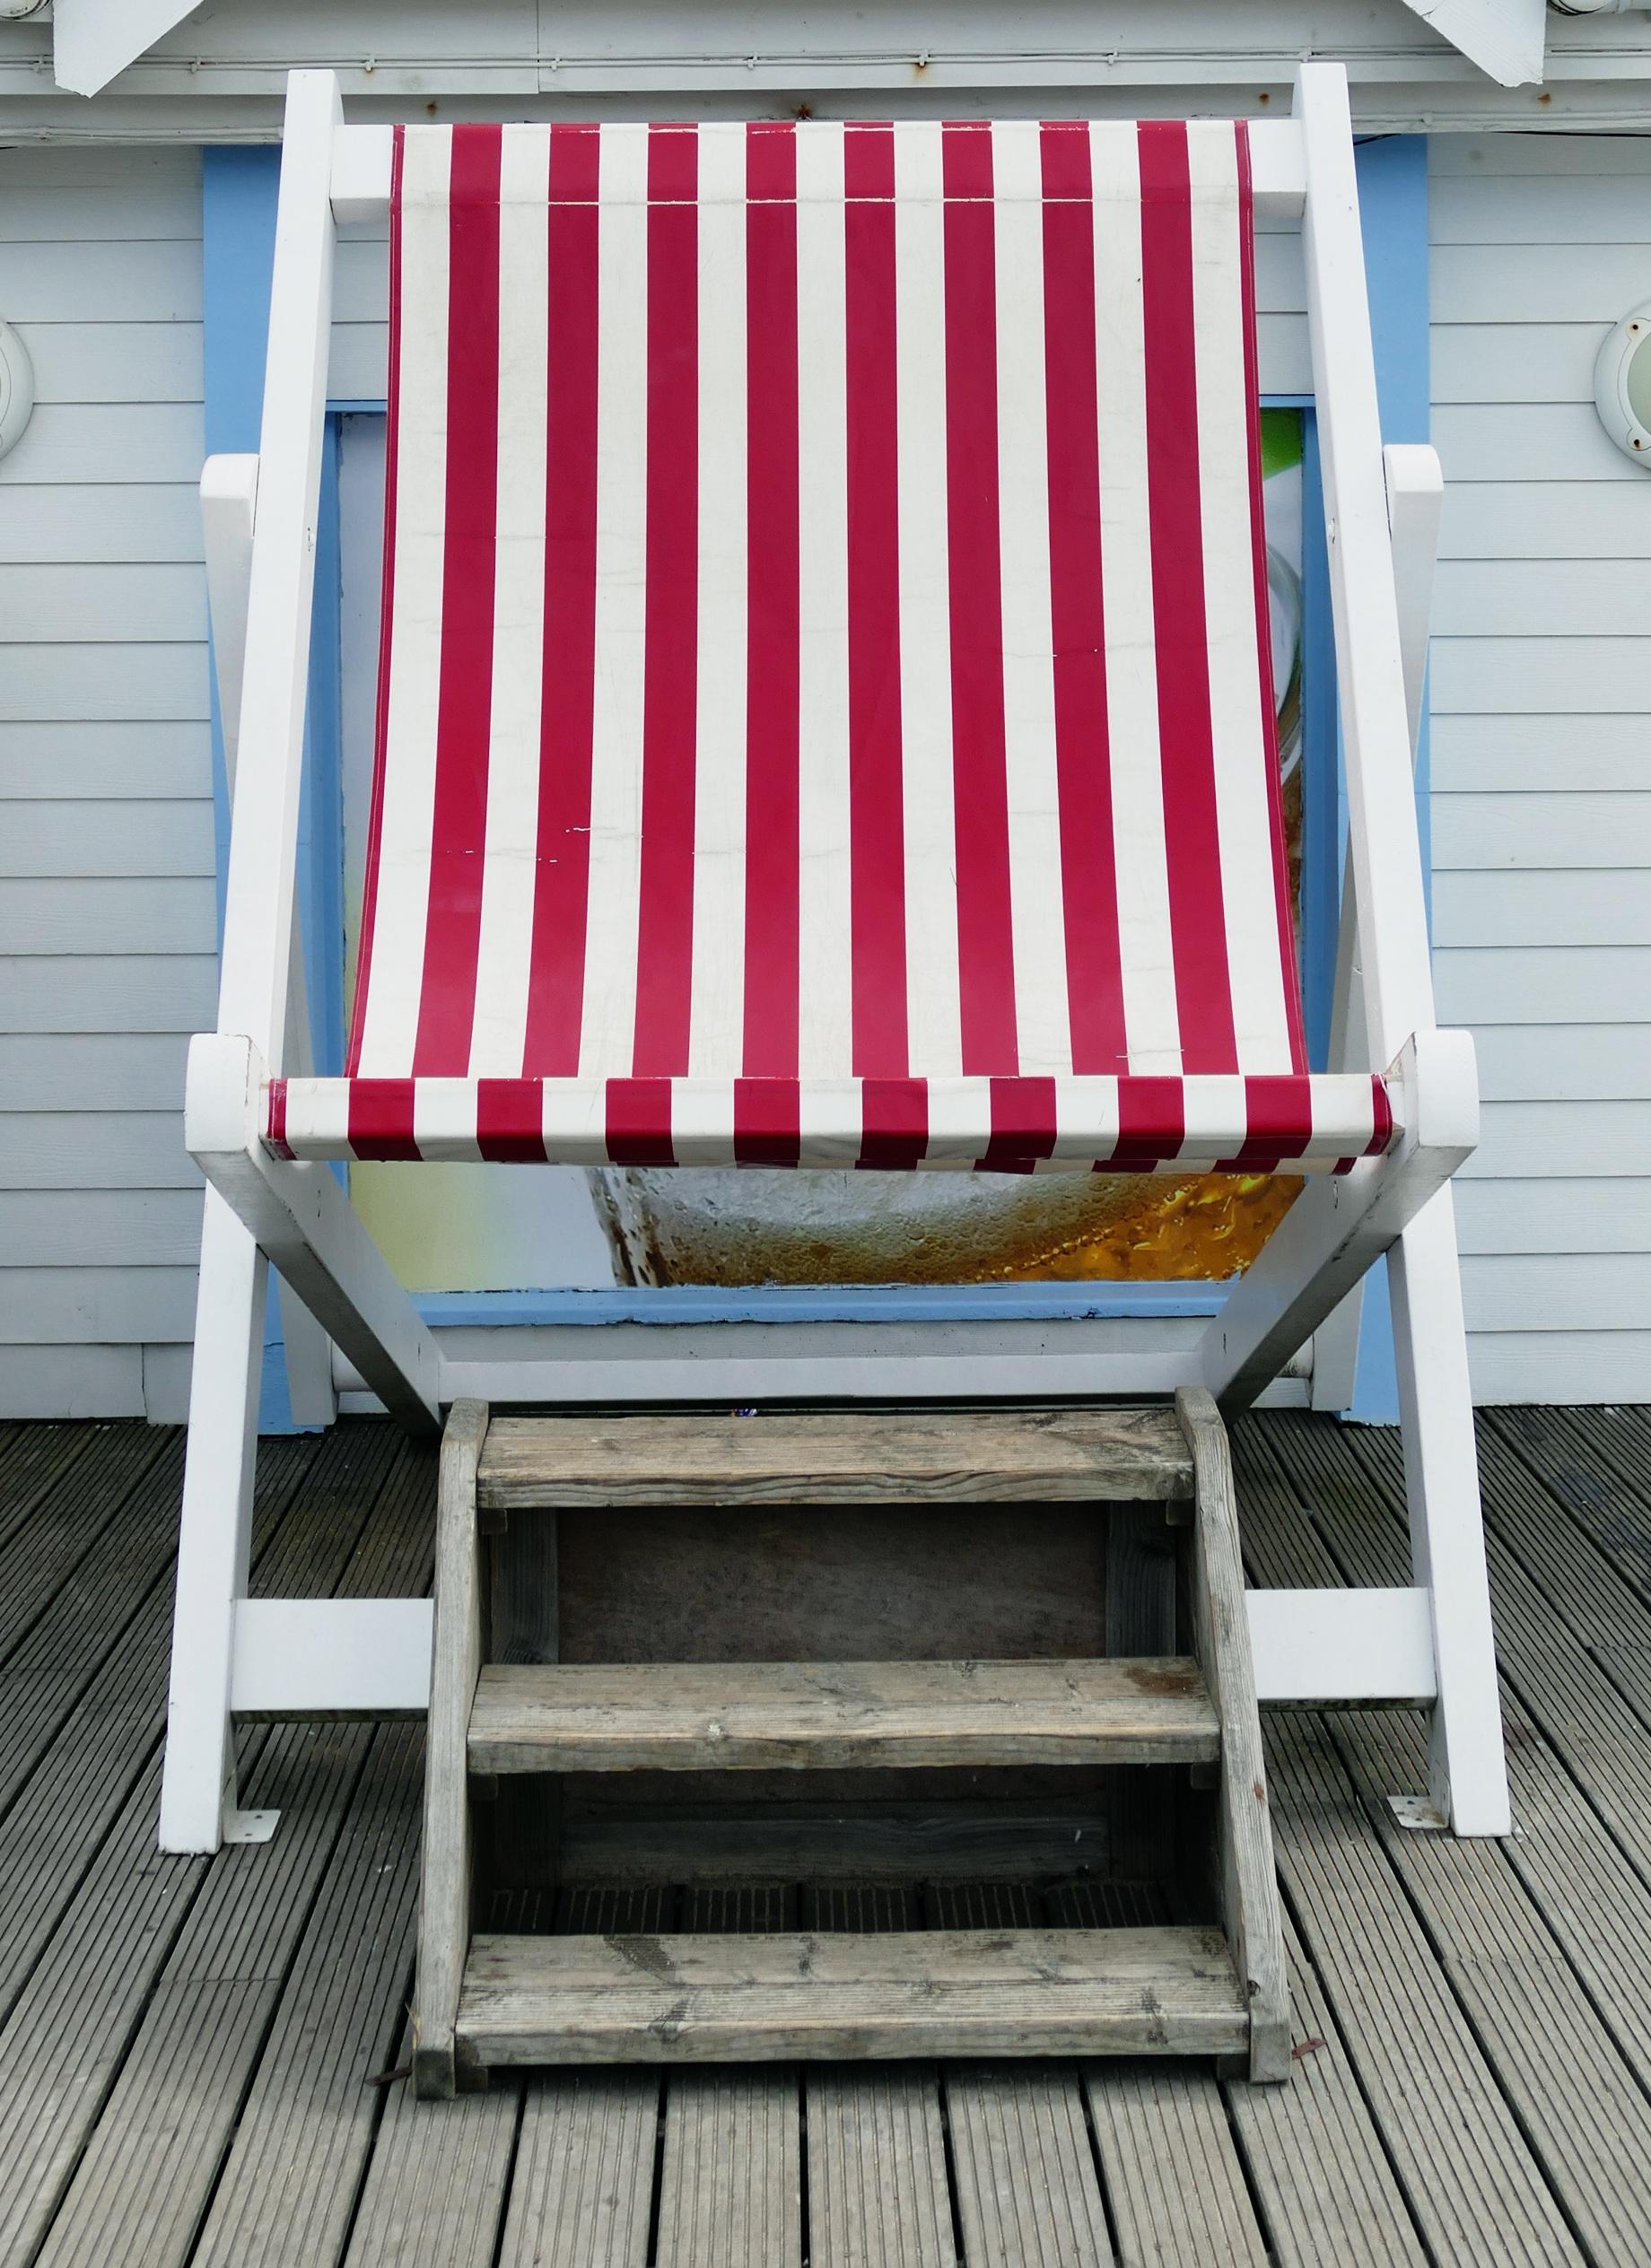 무료 이미지 : 표, 바닷가, 바다, 연안, 모래, 대양, 태양, 화이트 ...